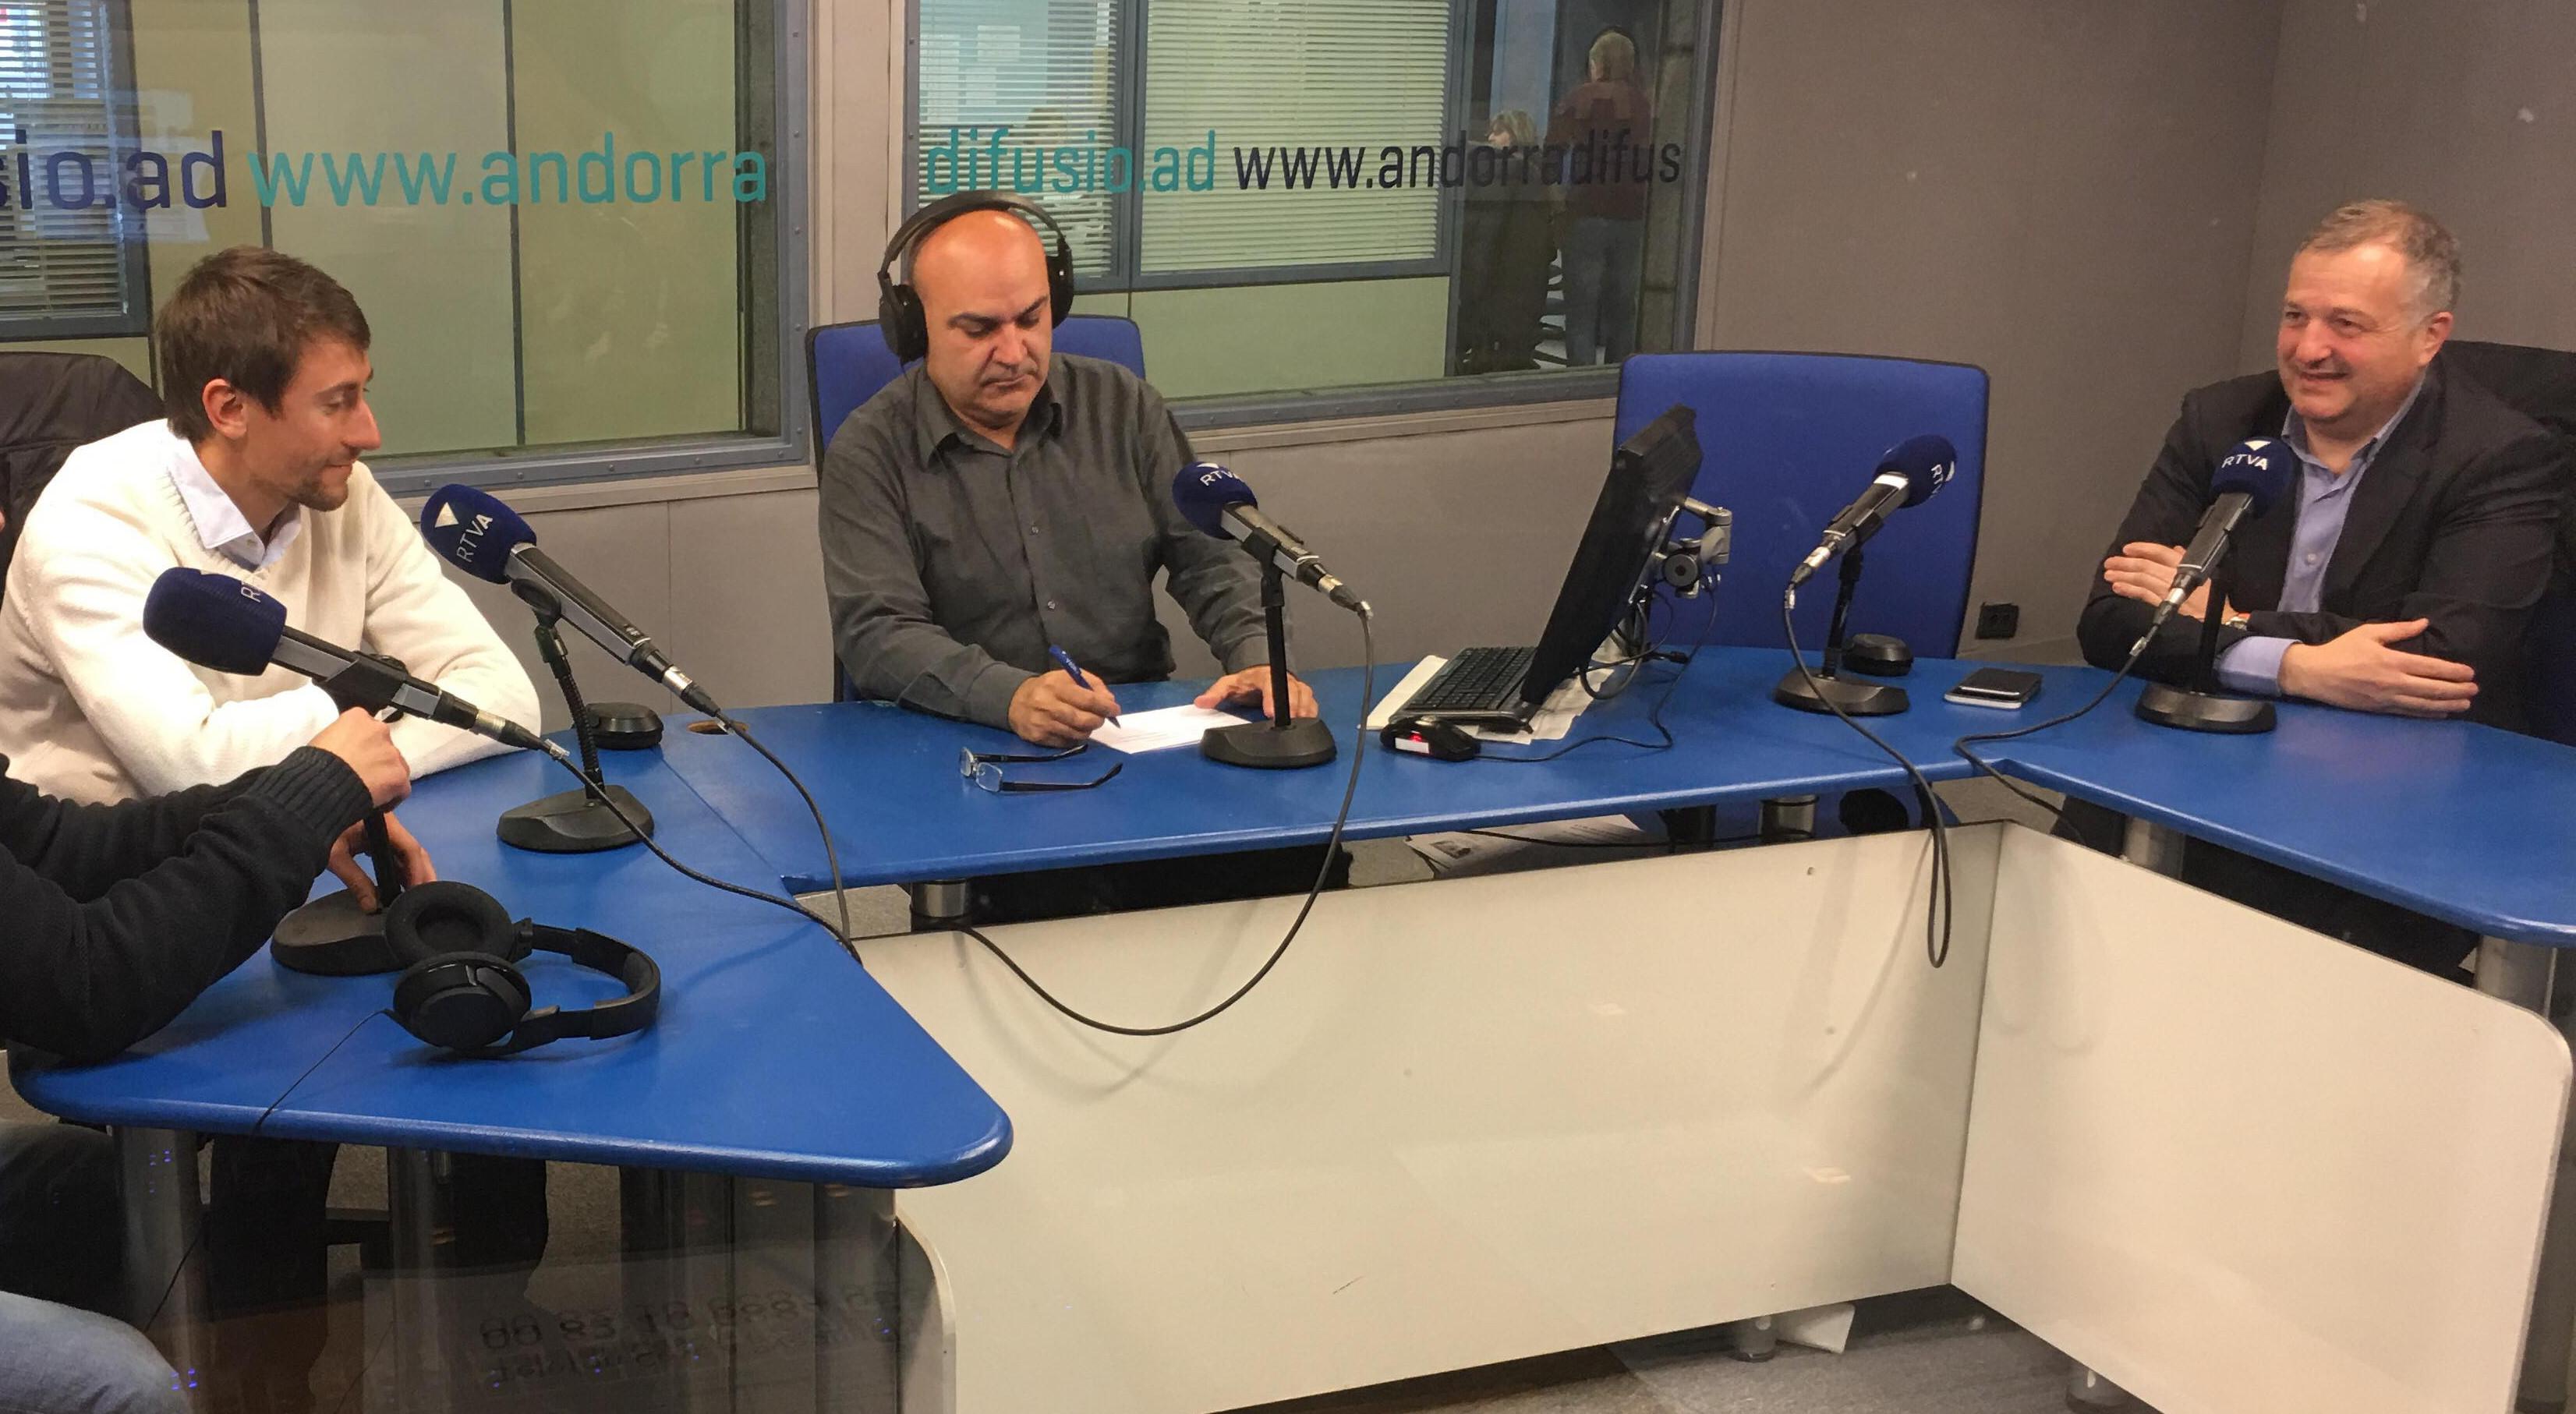 Tertúlia amb Bartumeu Gabriel i Jordi Cabanes